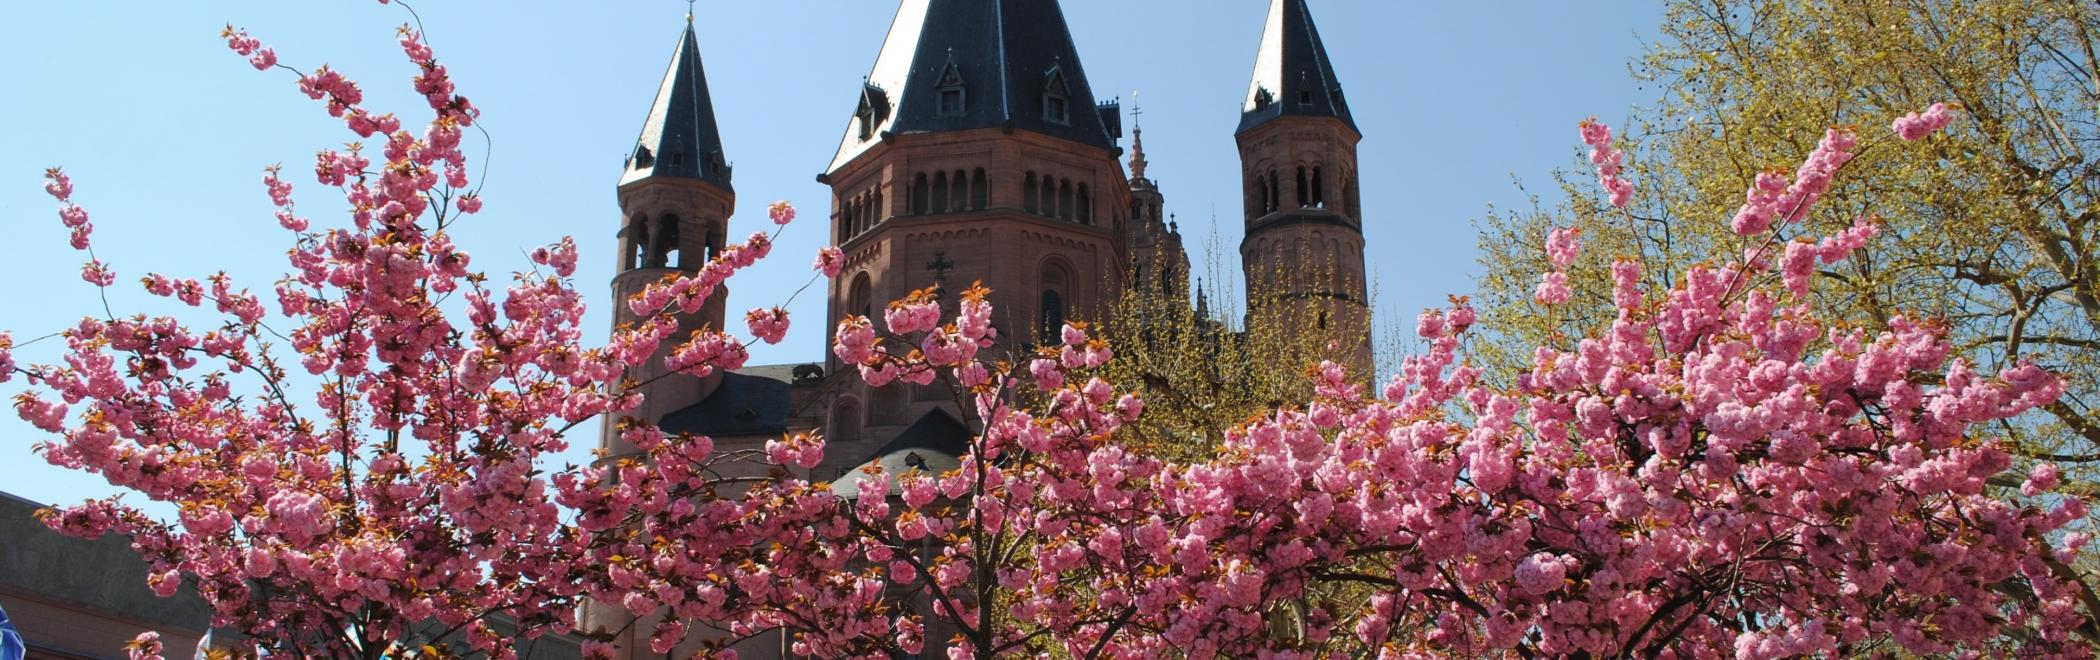 Rhein Dom Marktplatz blühende Bäume